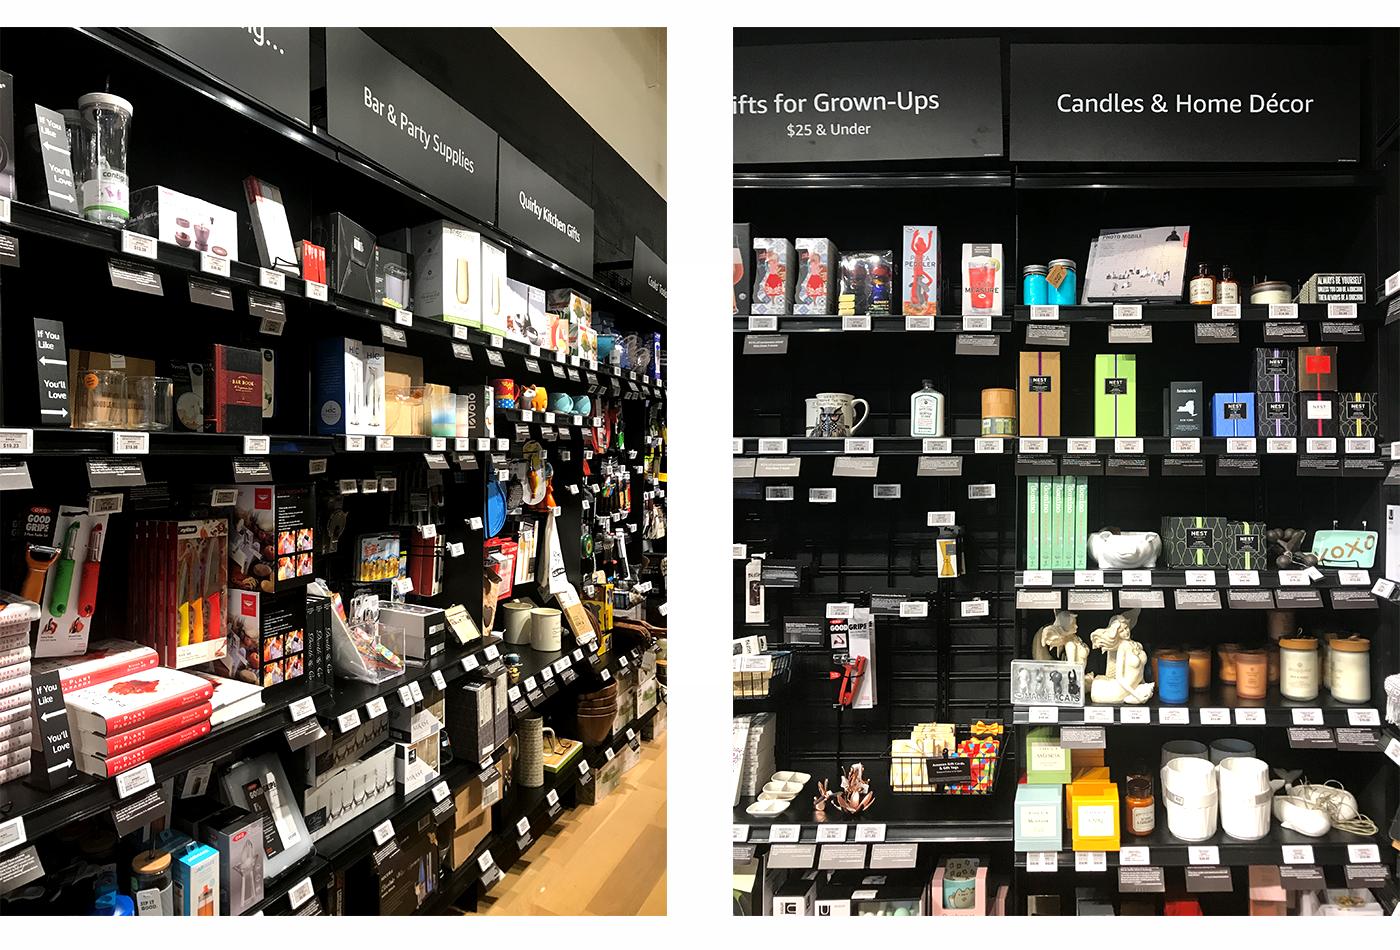 hodgepodge-items-shelves